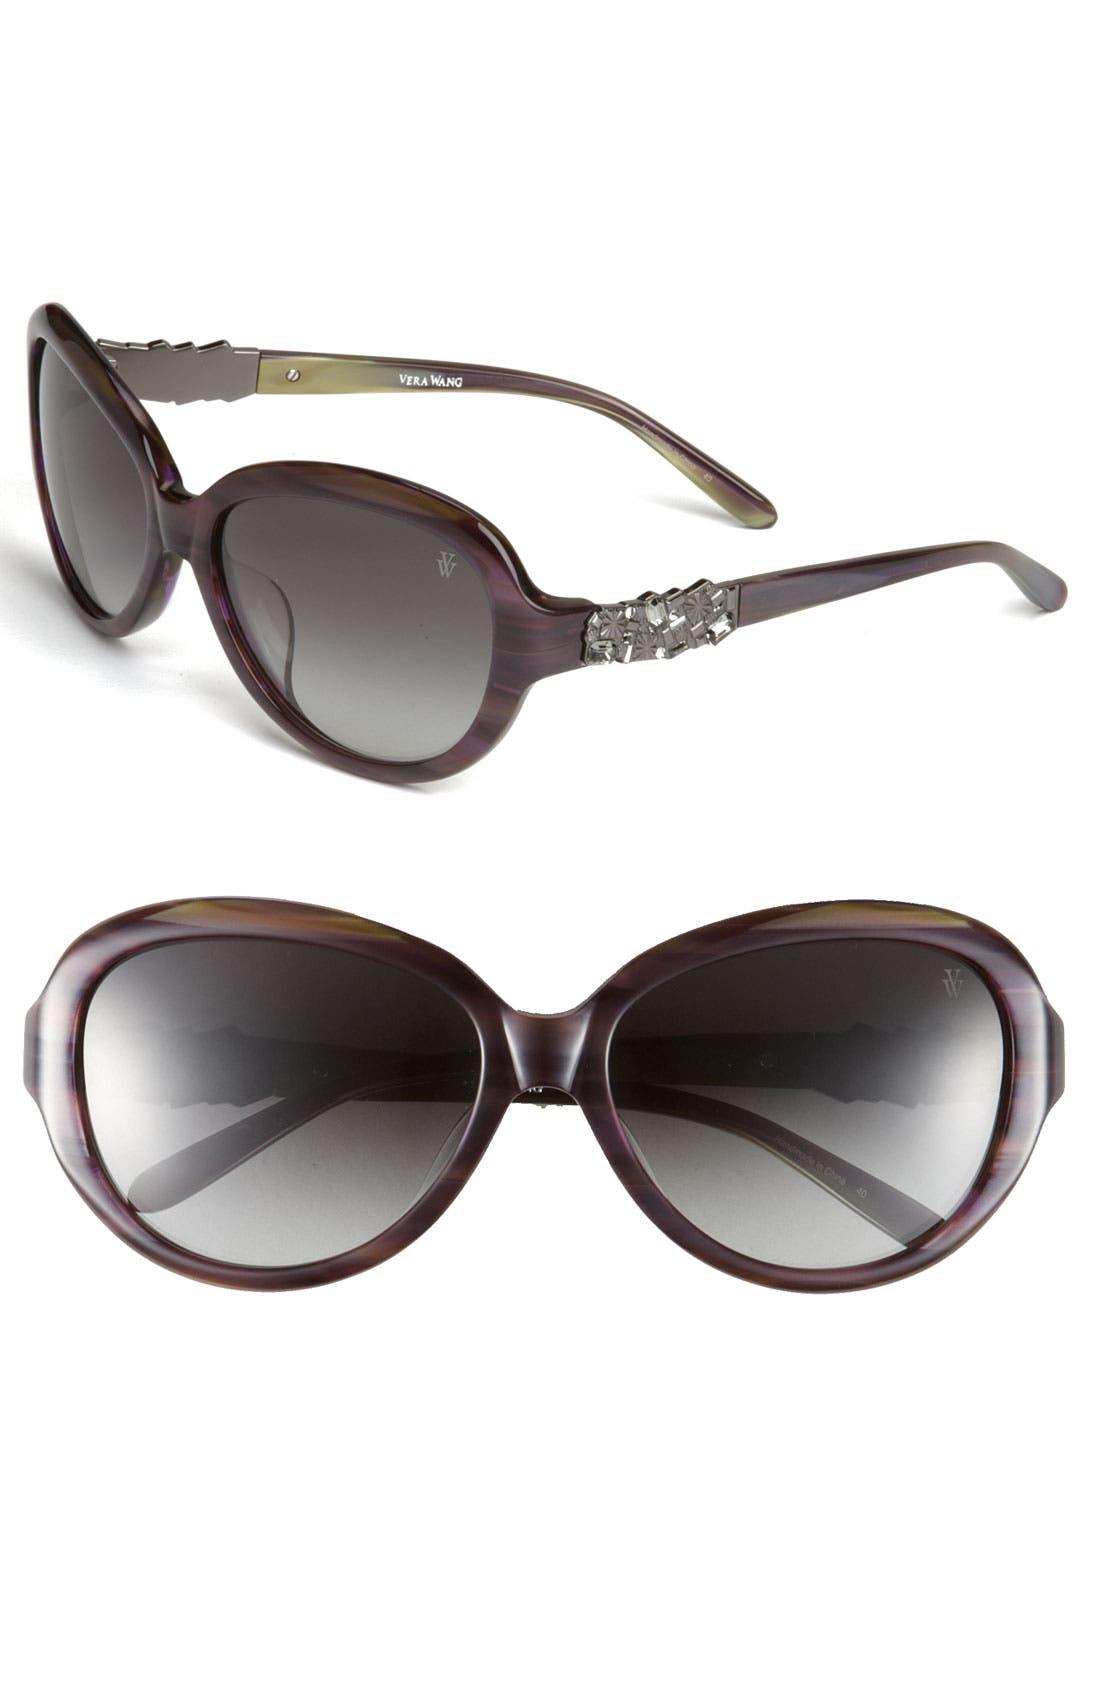 Main Image - Vera Wang 'Aquaria' Sunglasses